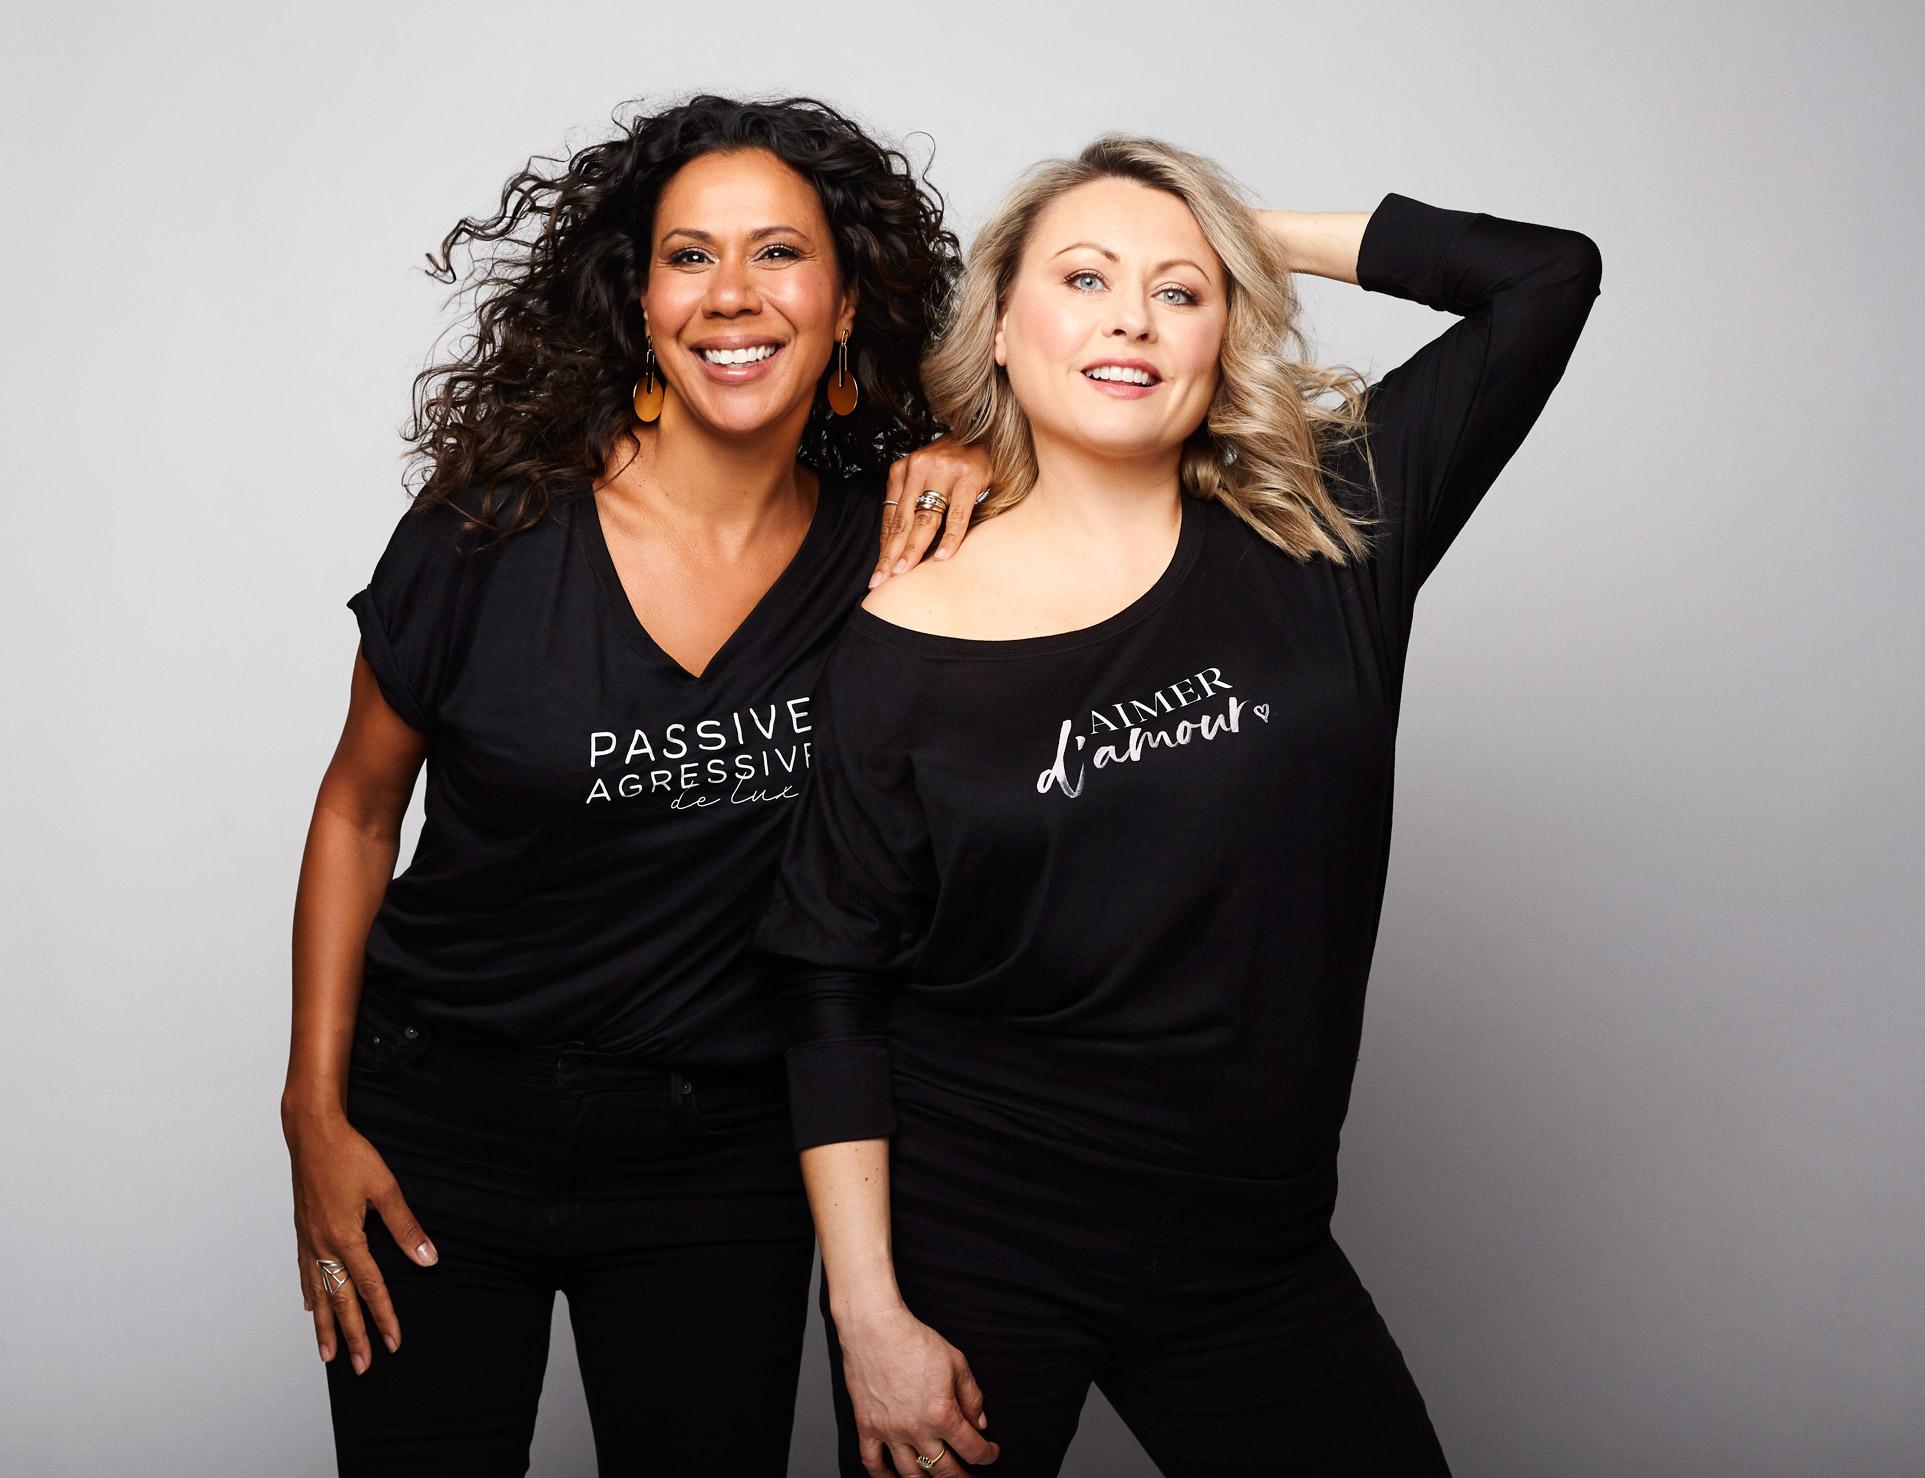 Photo portrait de célébrités québécoise Isabelle Racicot et Mitsou Gélinas pour la boutique en ligne Mitsou. Photographie réalisée par Dariane Sanche à Montréal.